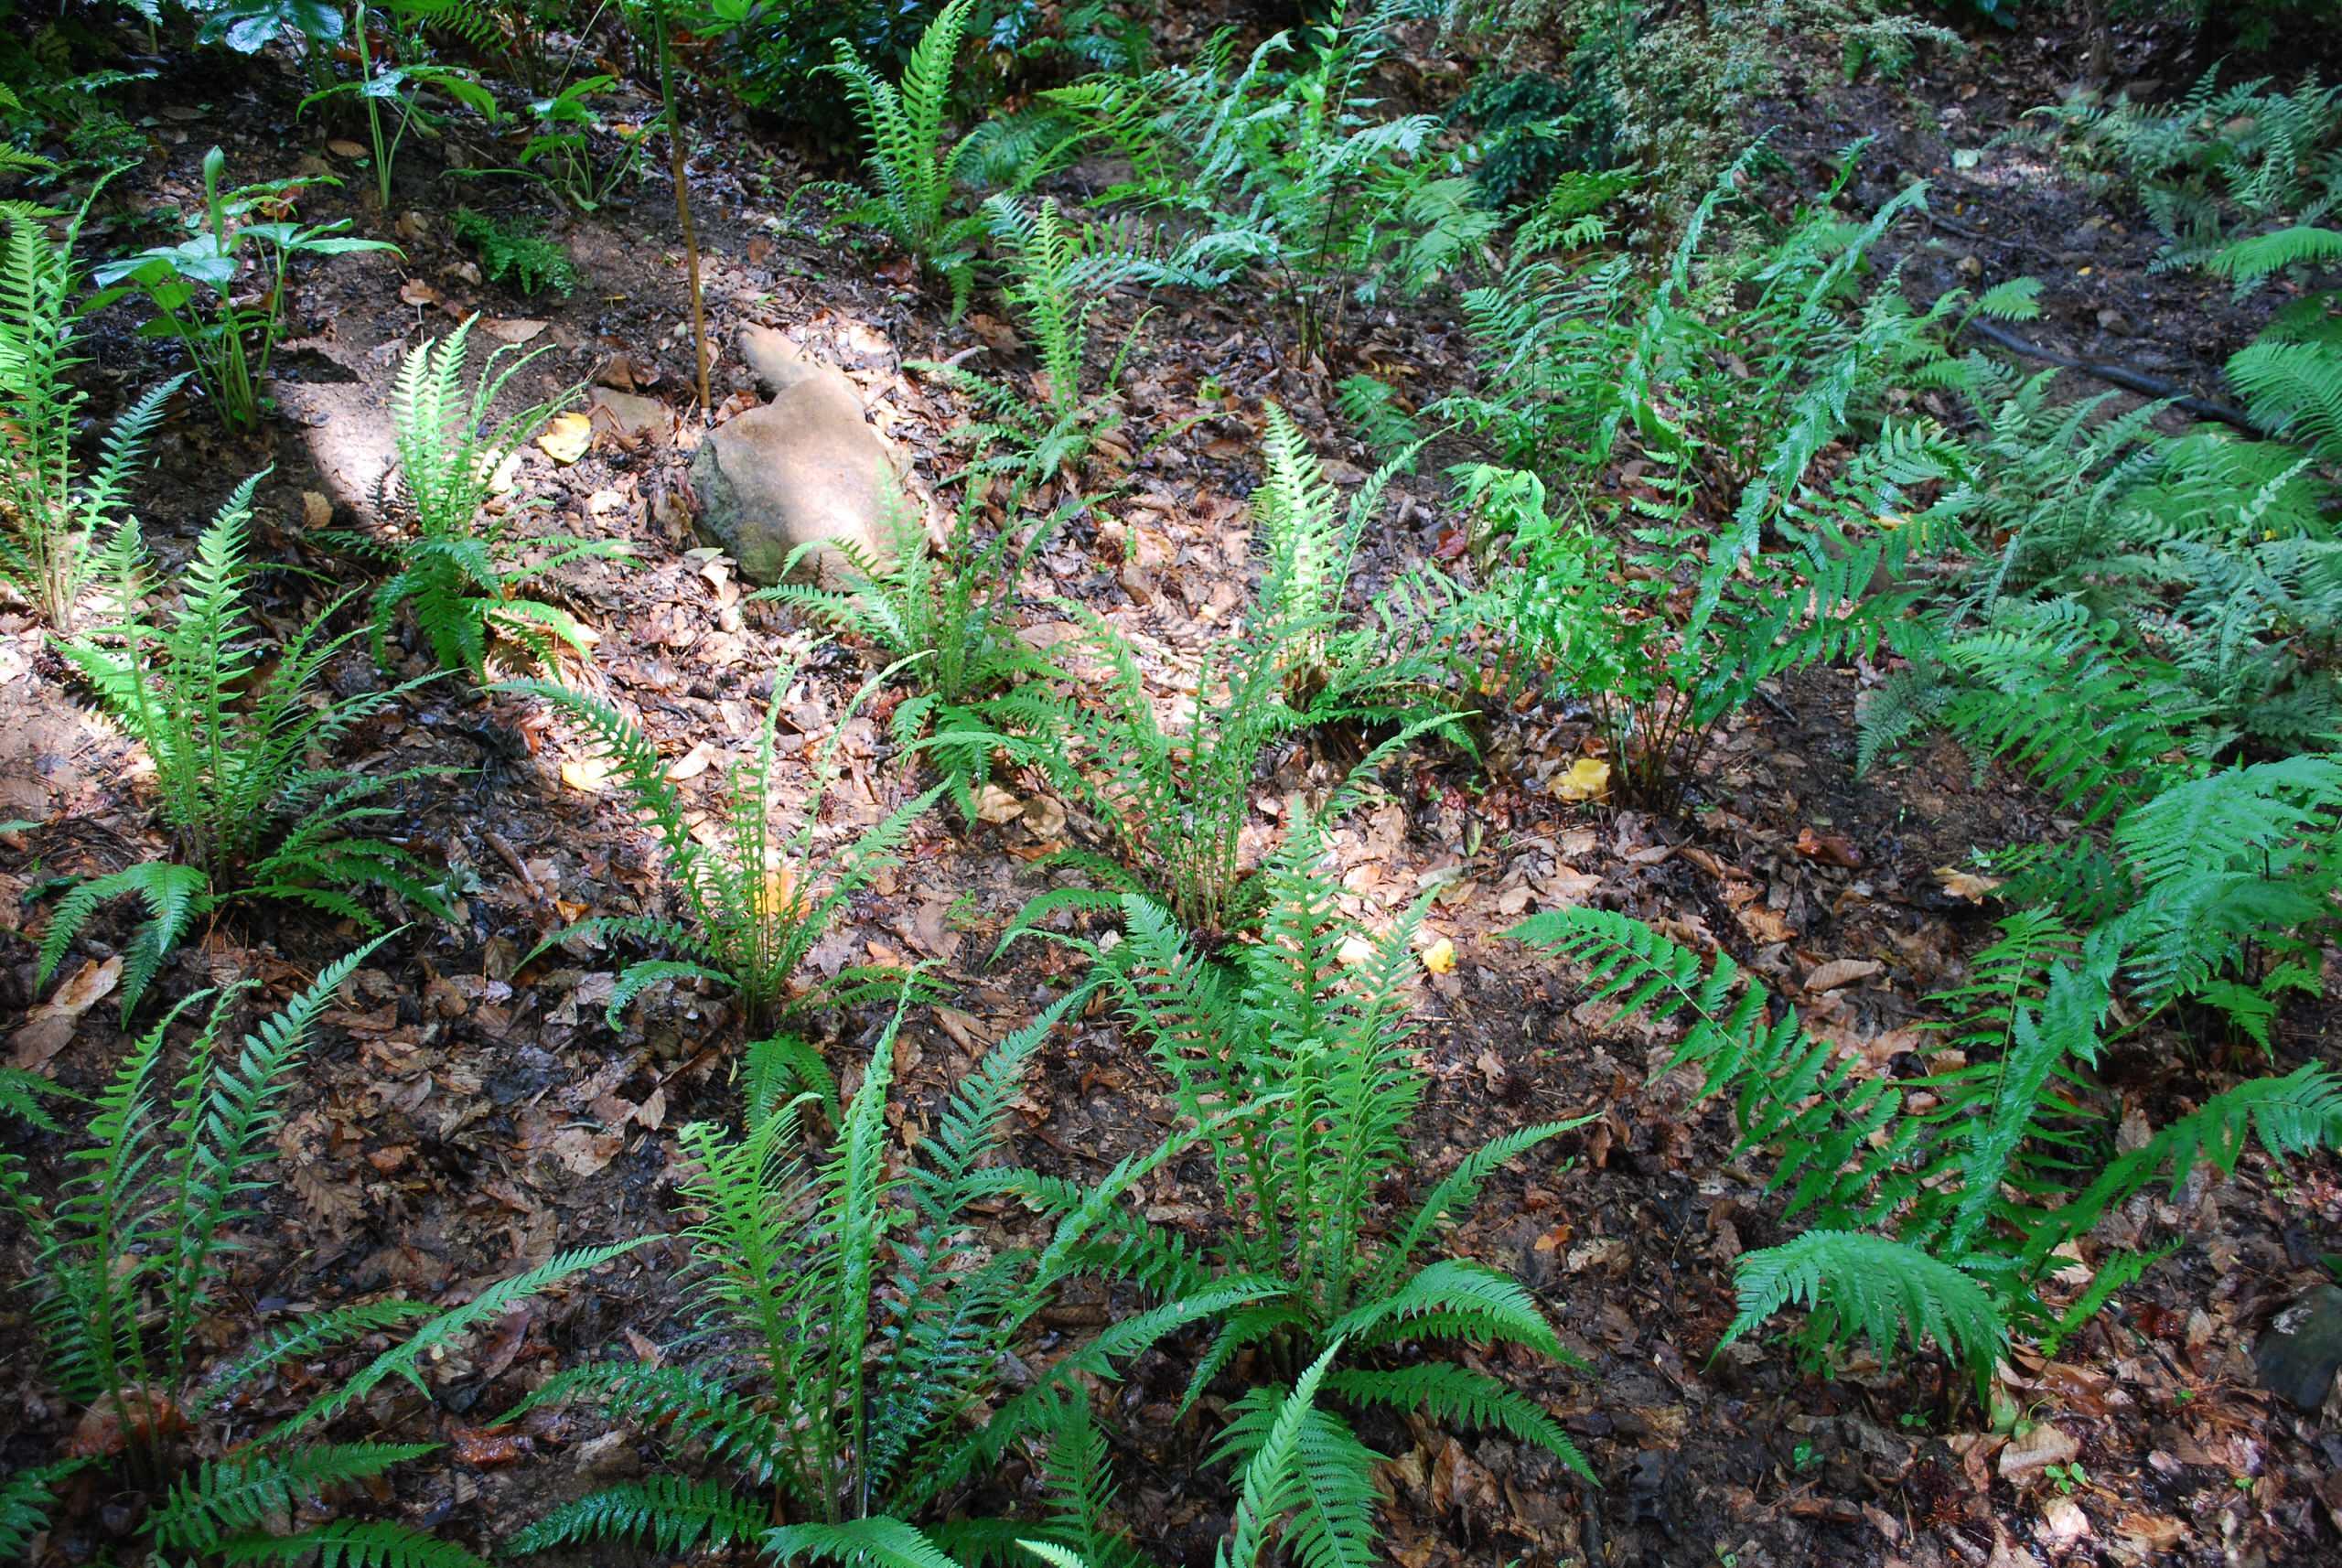 Japanese beech fern